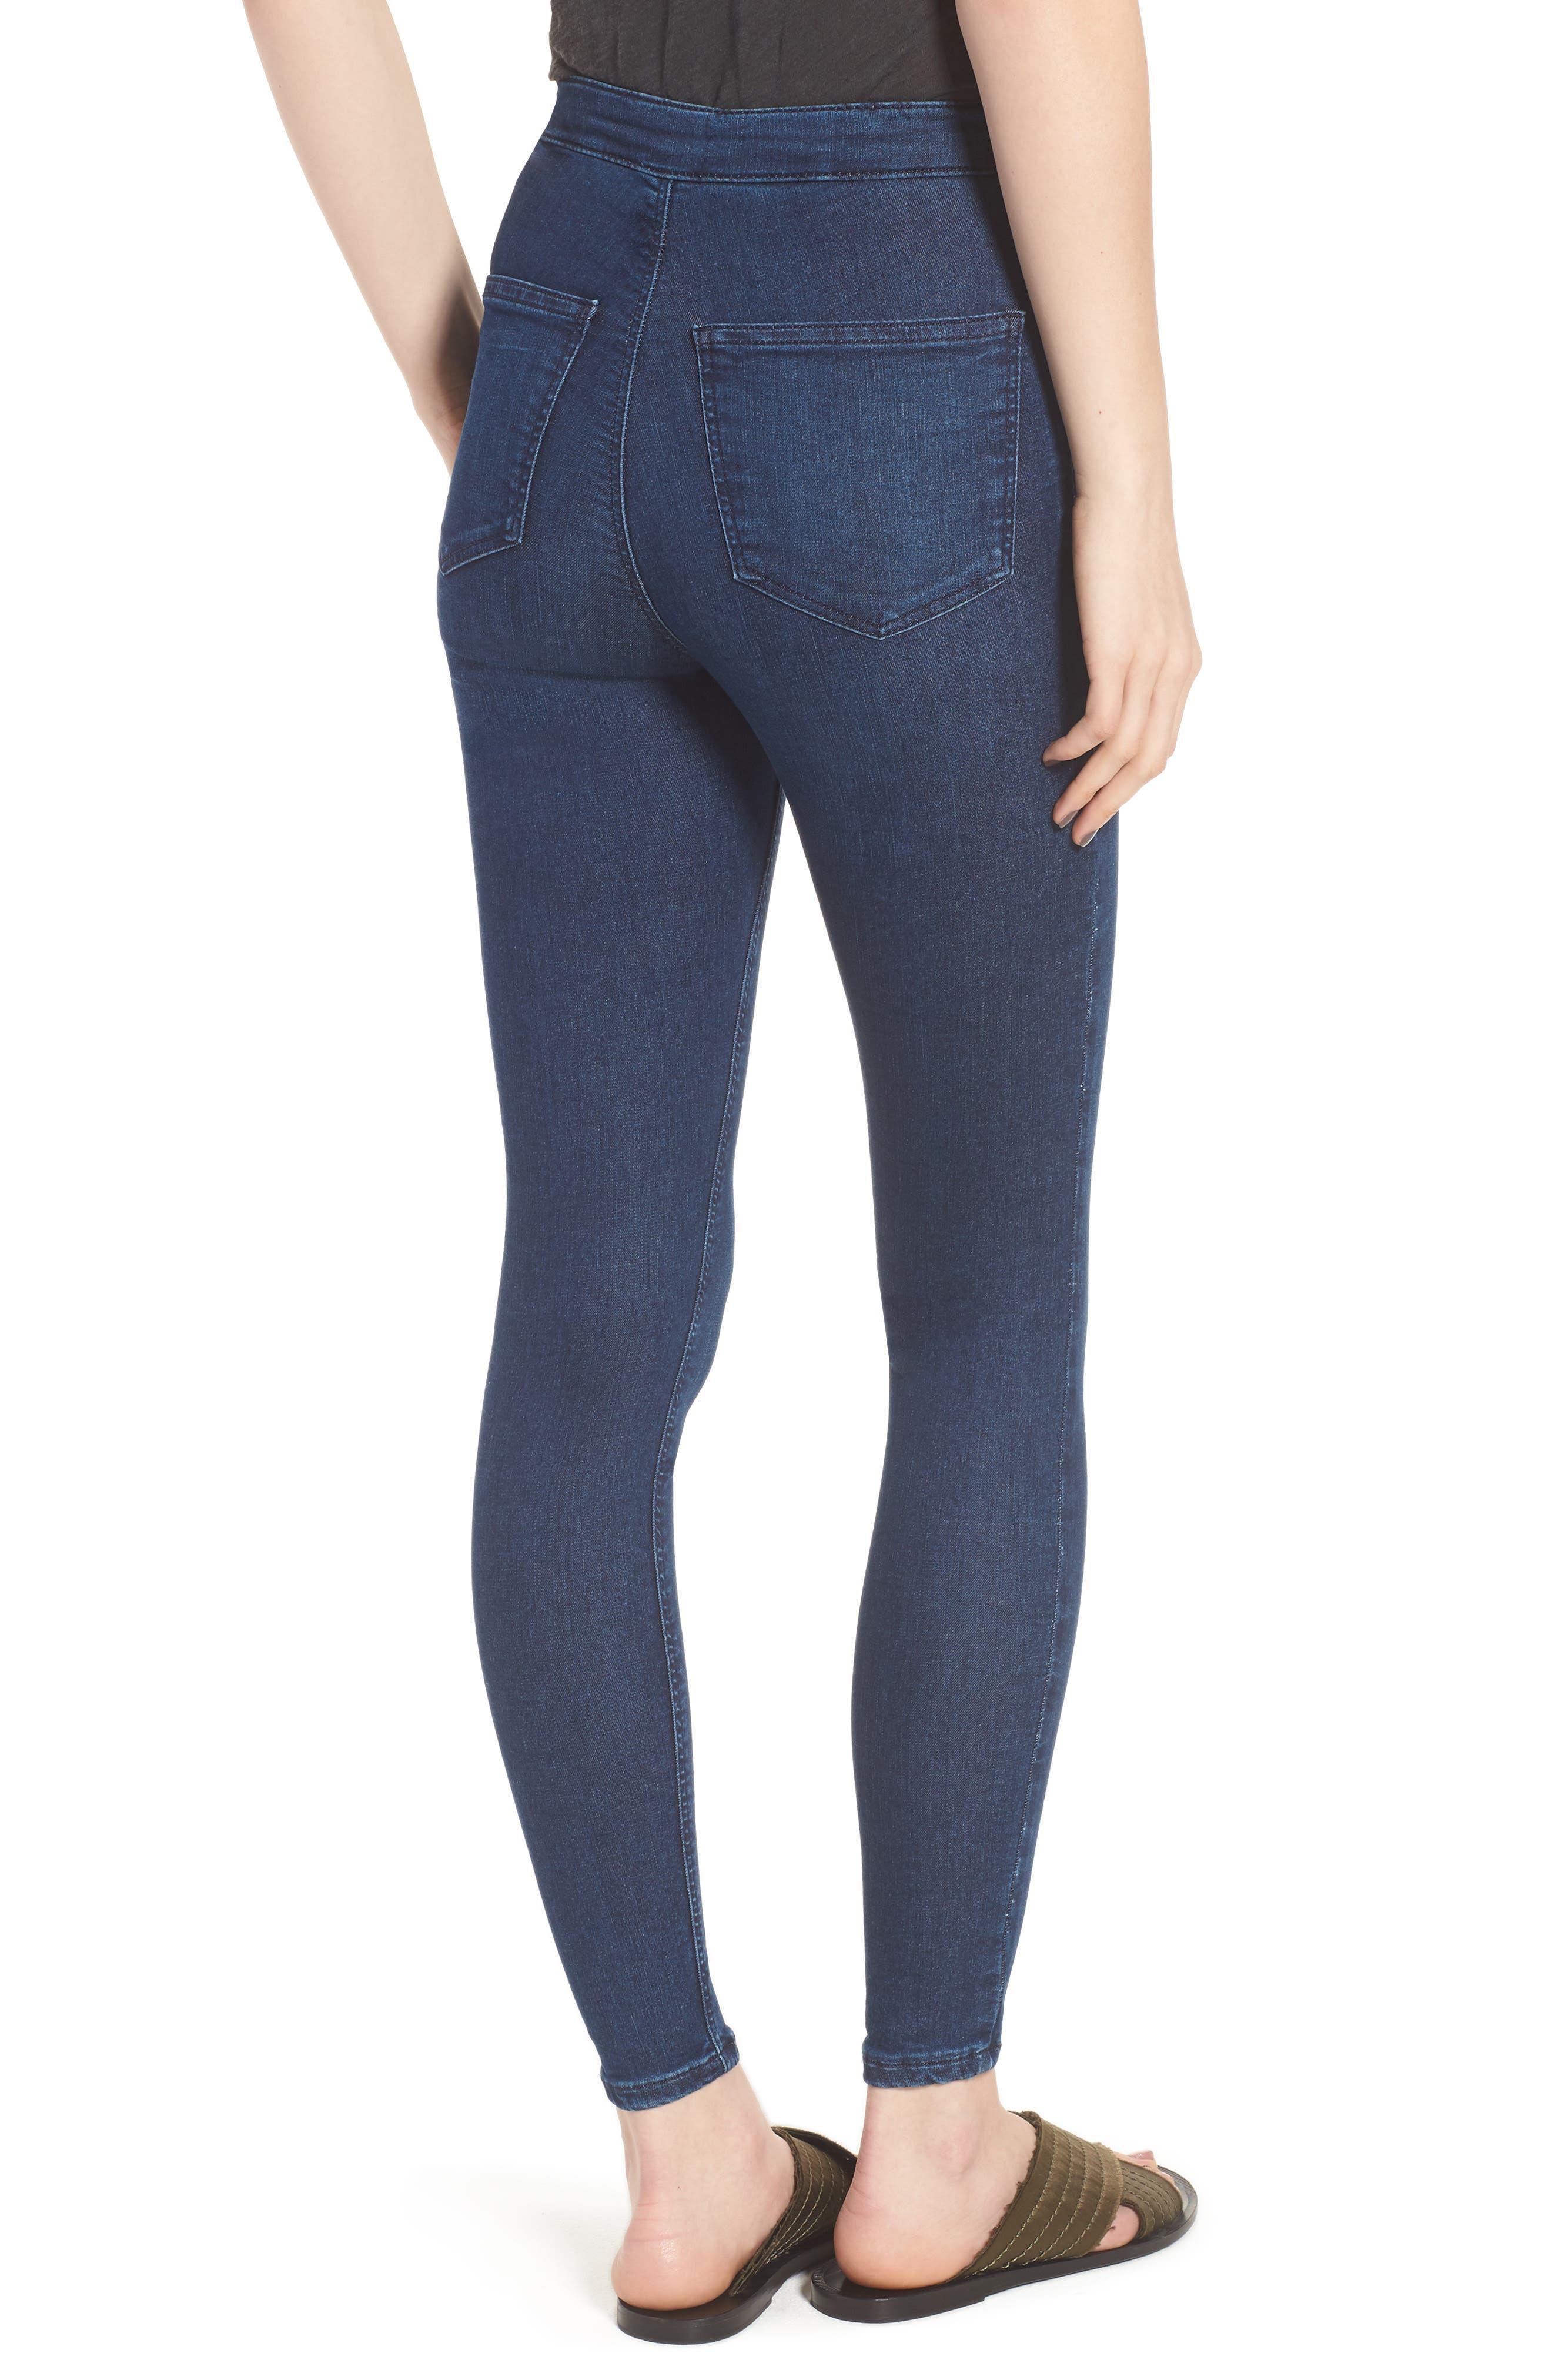 Moto 'Joni' Super Skinny Jeans,                             Alternate thumbnail 2, color,                             Navy Blue